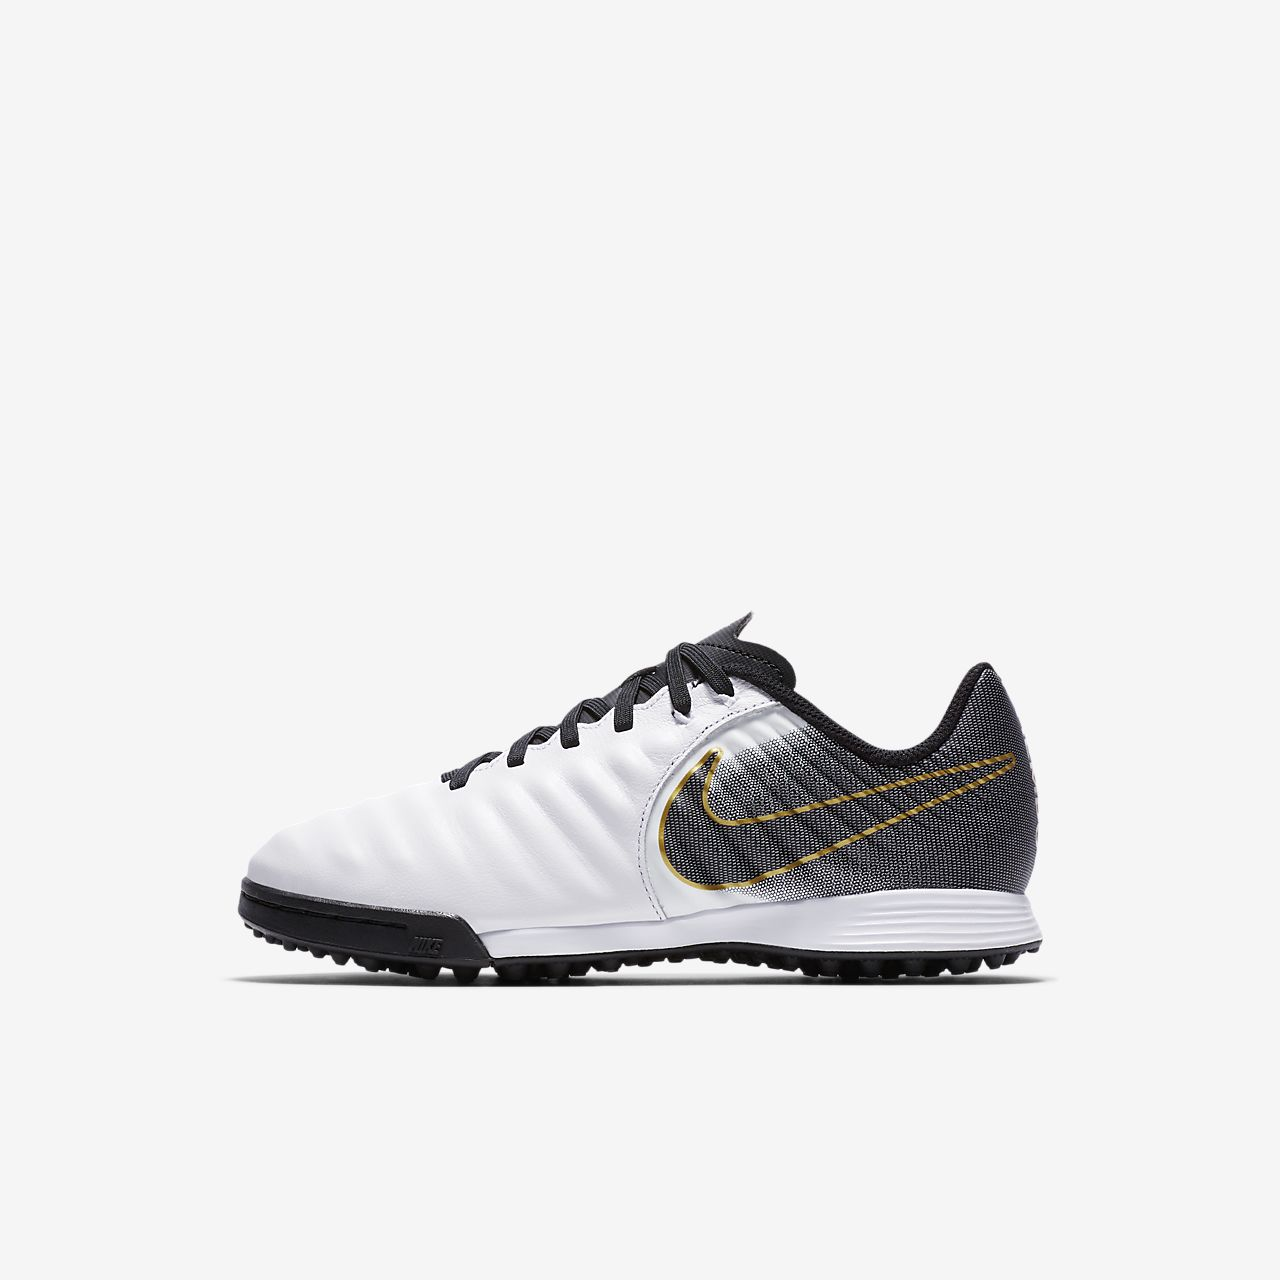 Chuteiras para relvado artificial Nike Jr. Tiempo Legend VII Academy TF  para criança júnior 0cf1301ac1746